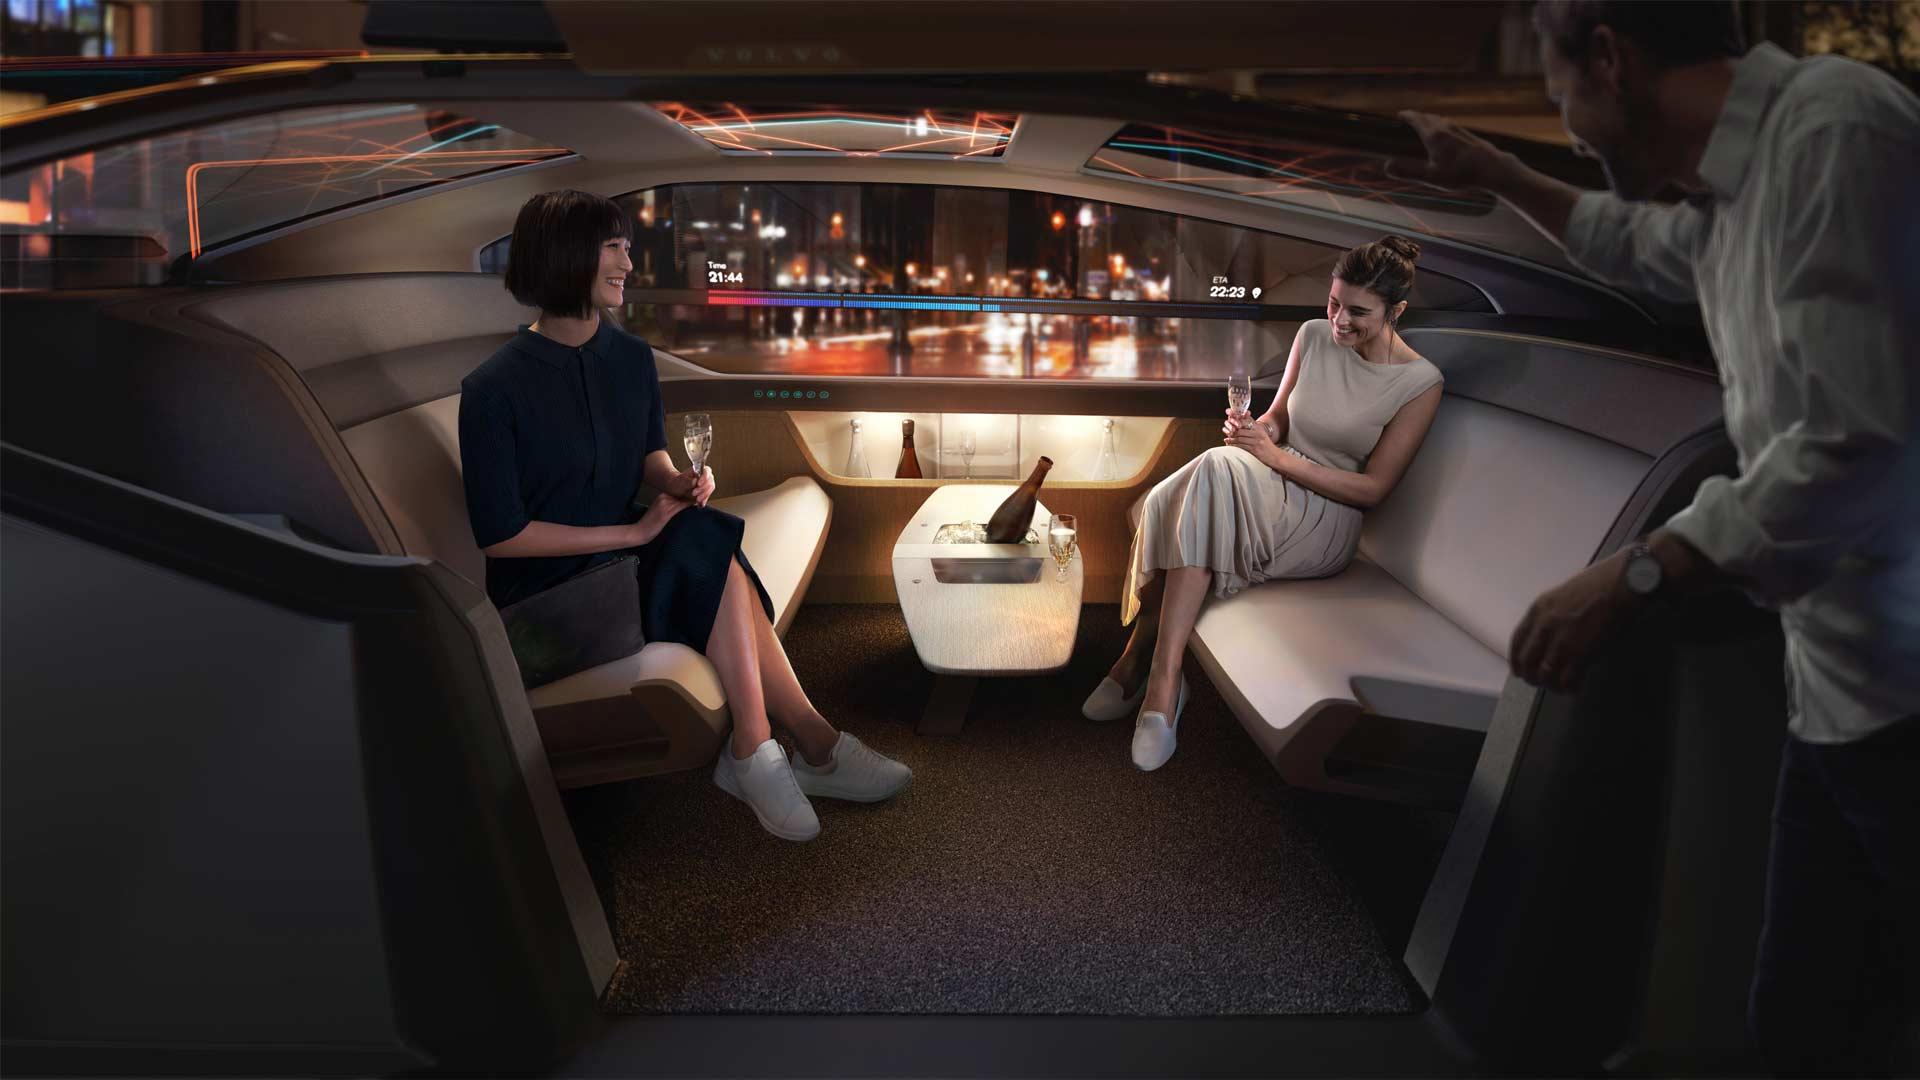 Volvo-360c-autonomous-concept-interior_2